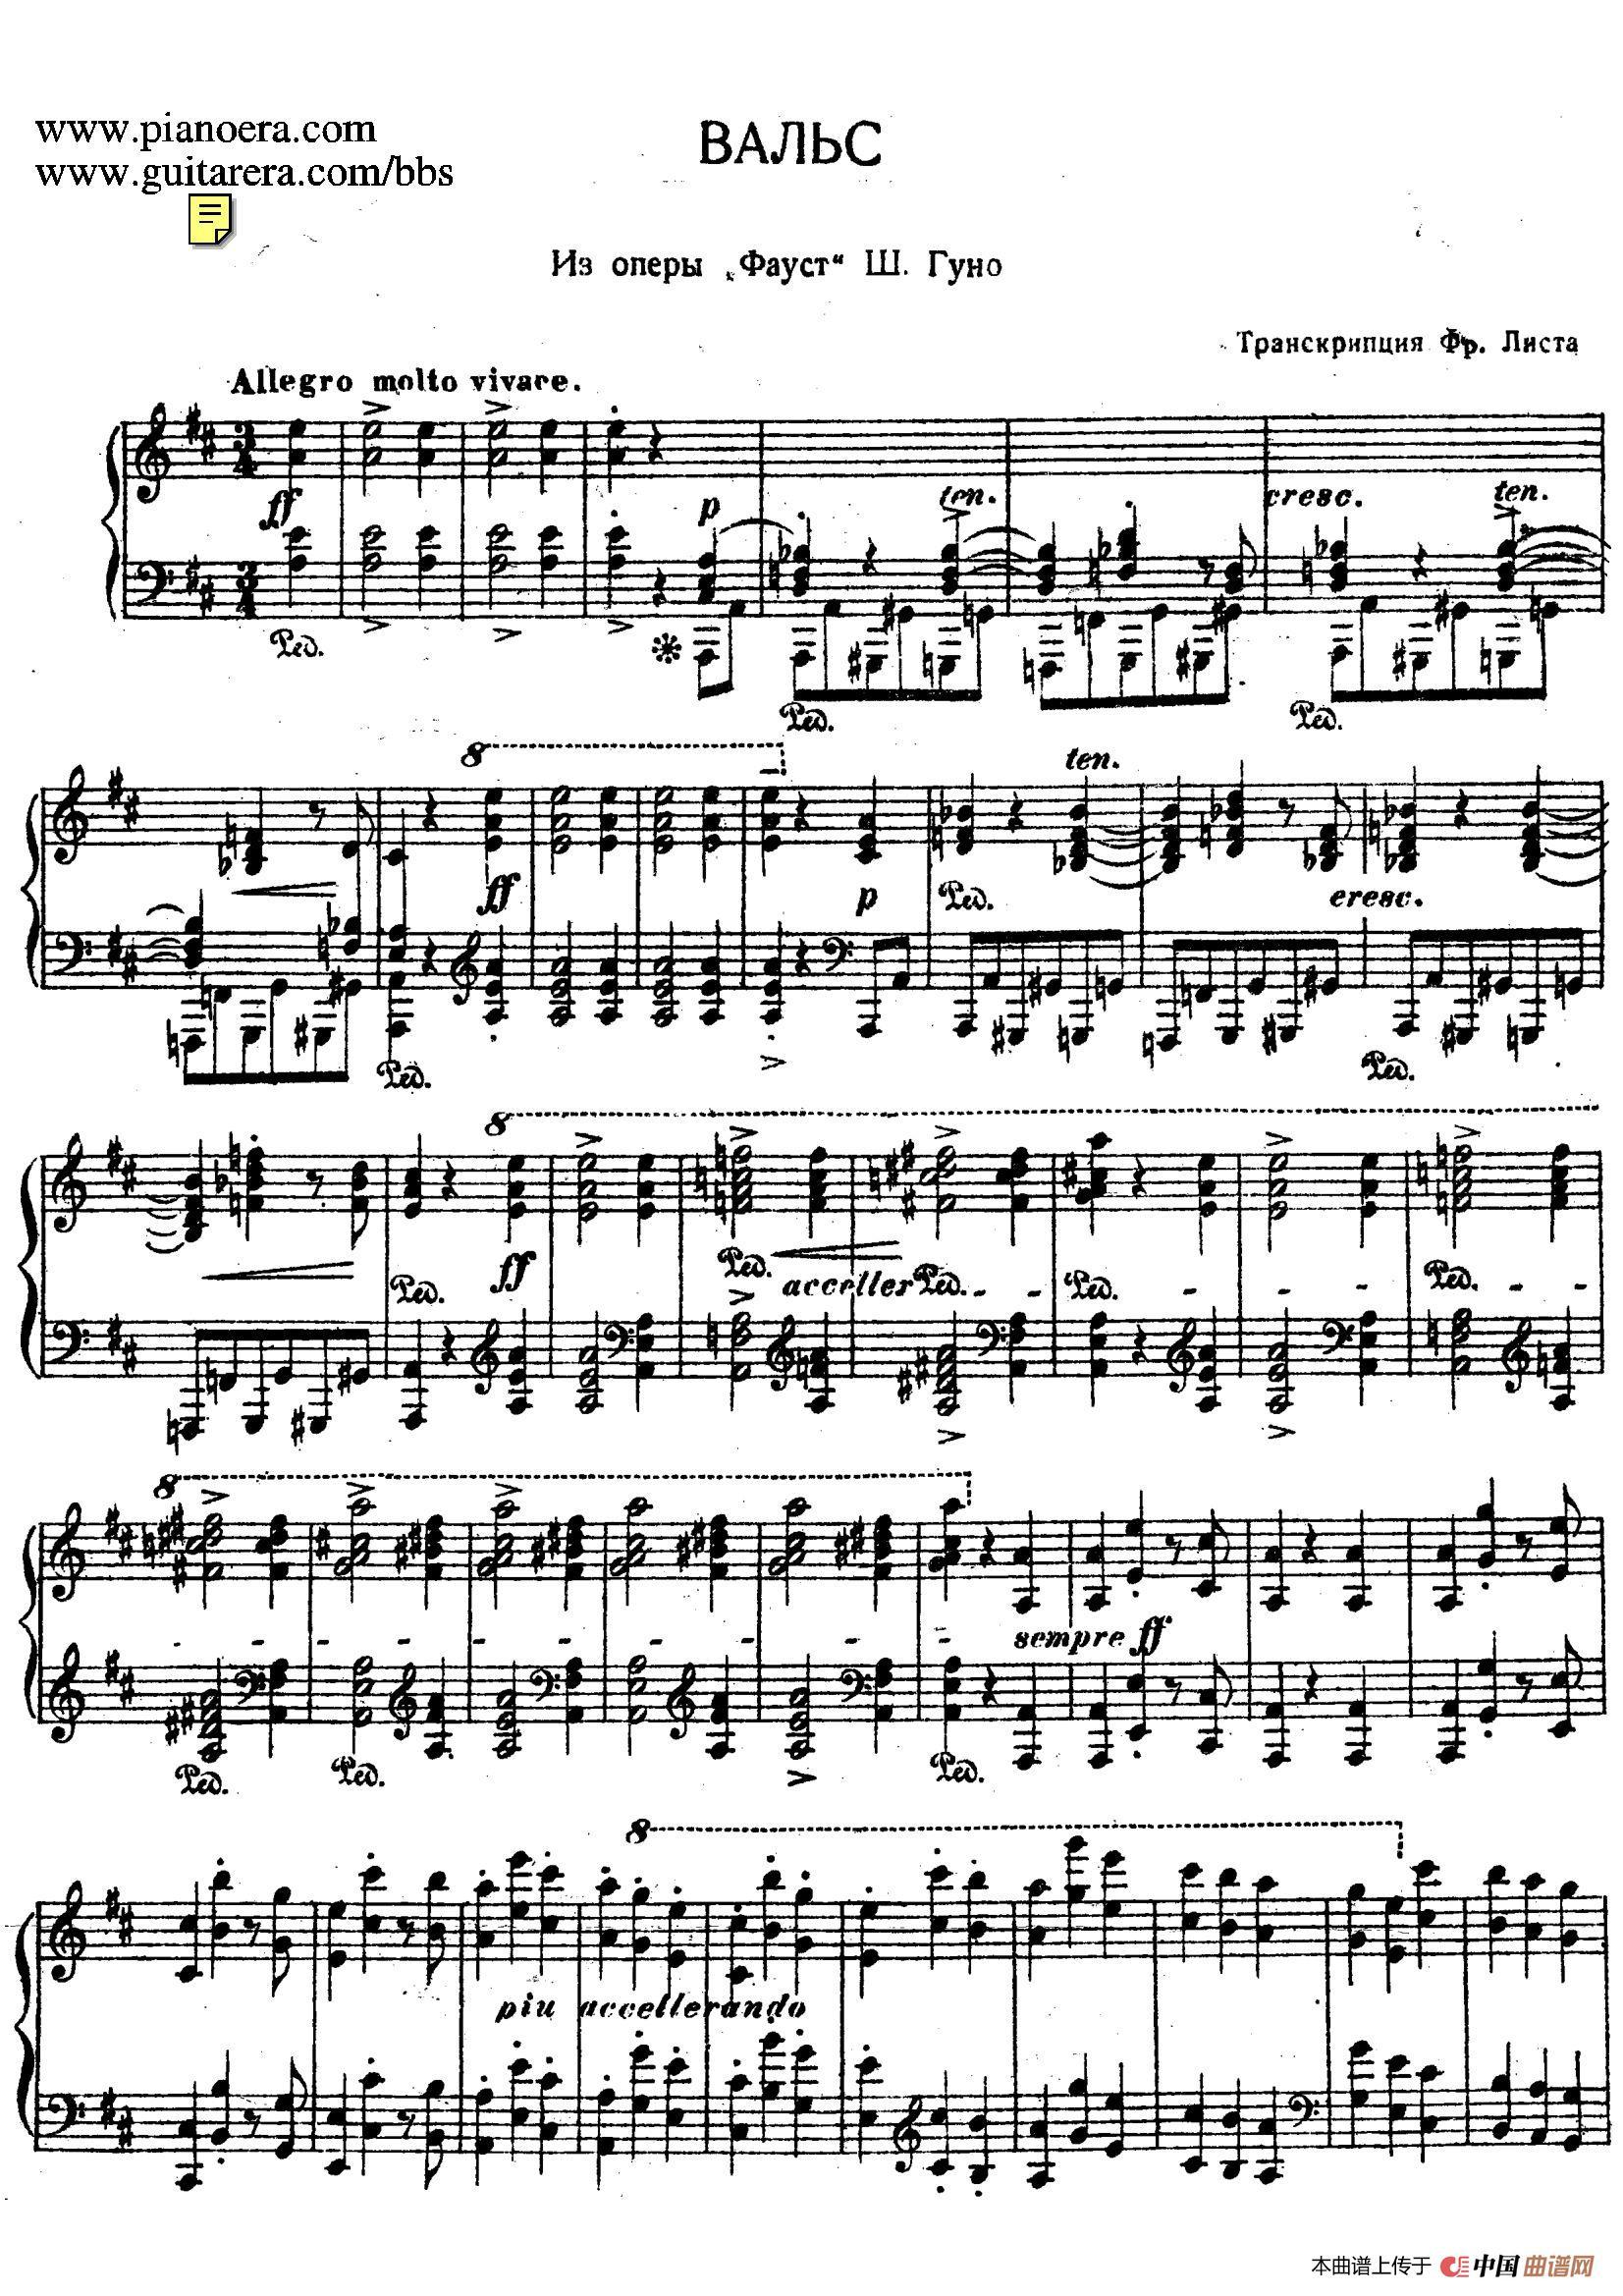 浮士德圆舞曲 Faust Valse( 选自歌剧《浮士德》)(1)_原文件名:001.jpg